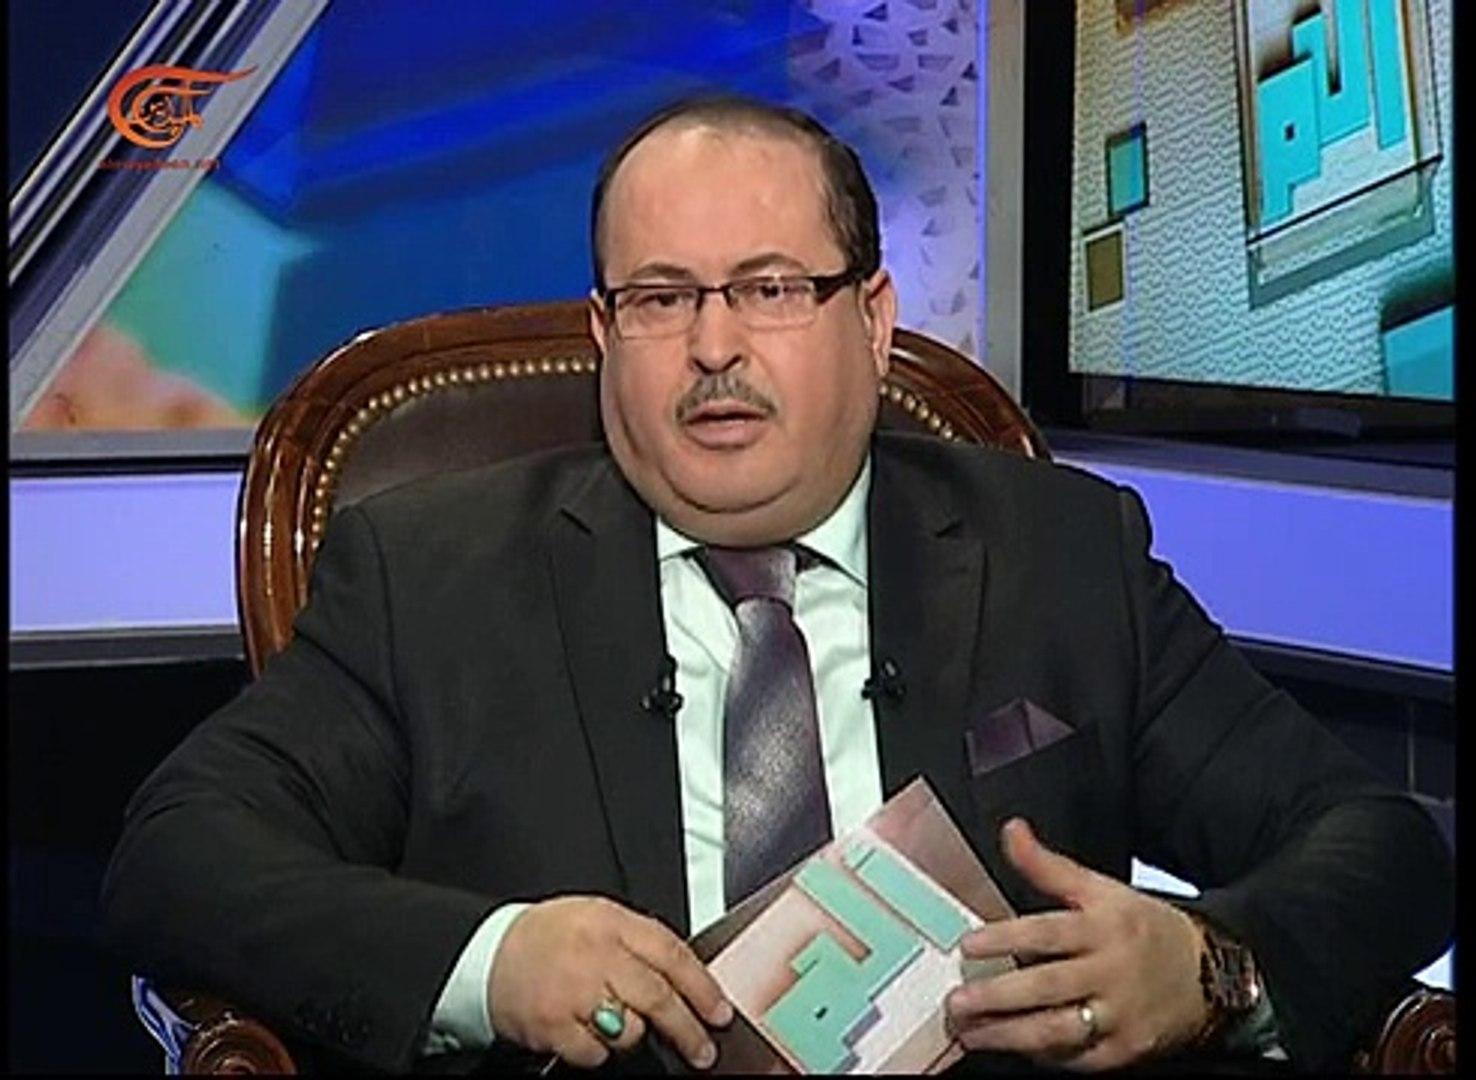 أ ل م | أبو حنيفة النعمان إمام أهل الرأي | 2016-05-26